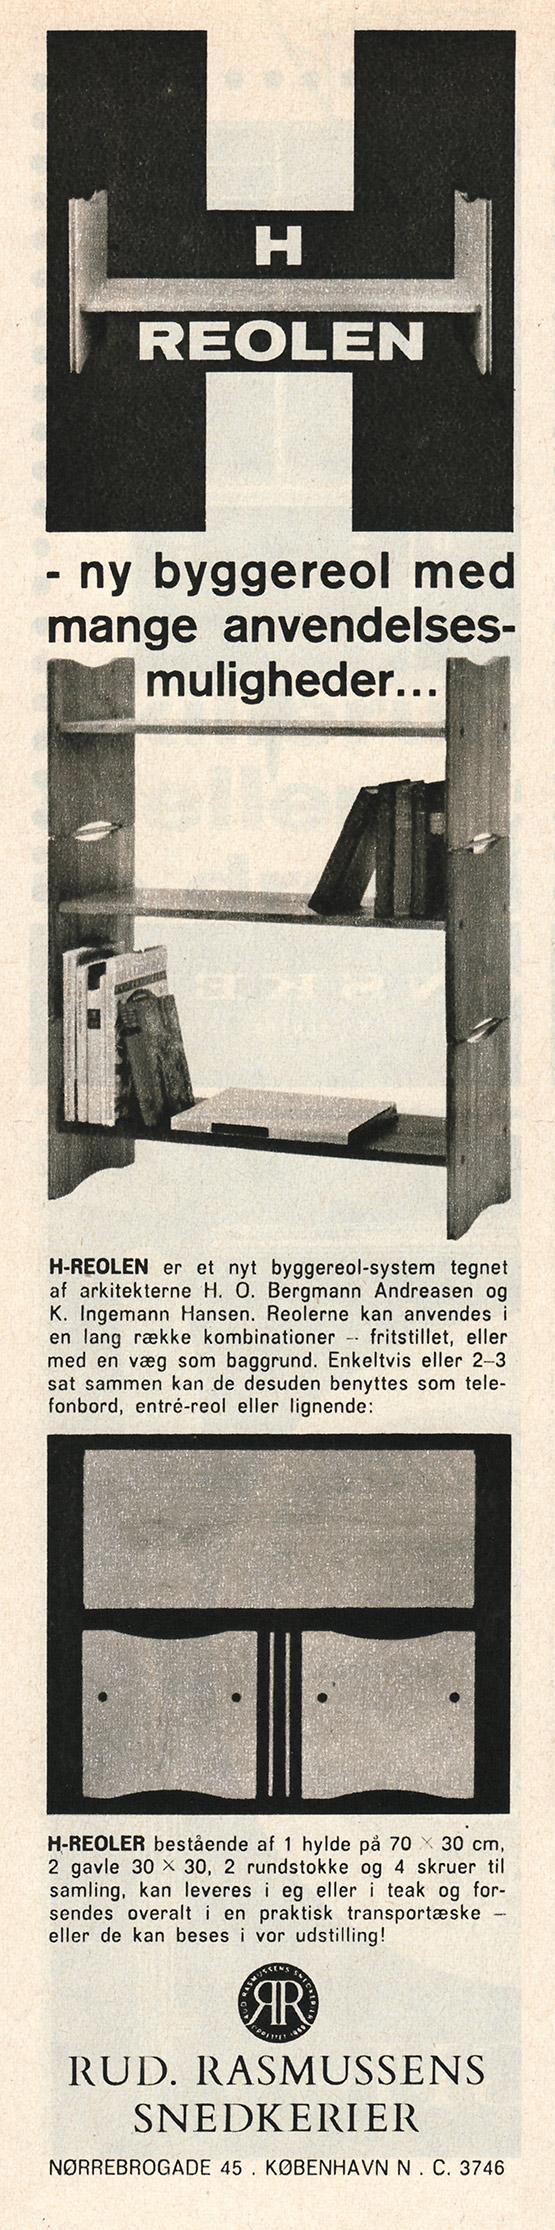 HO Bergmann Andreasen & K Ingemann Hansen for Rud Rasmussens Snedkerier